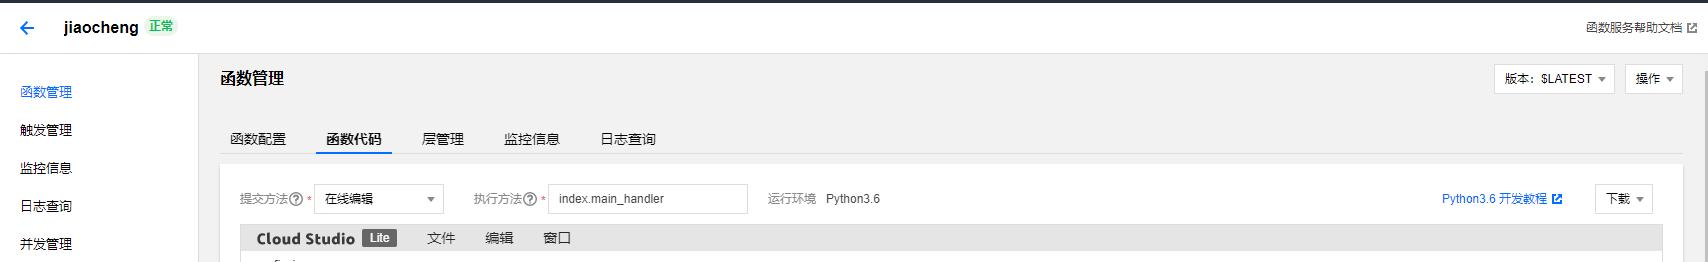 利用云函数实现网易云自动签到+一键刷满300首歌,image.png,免费,教程,资源,php,第6张